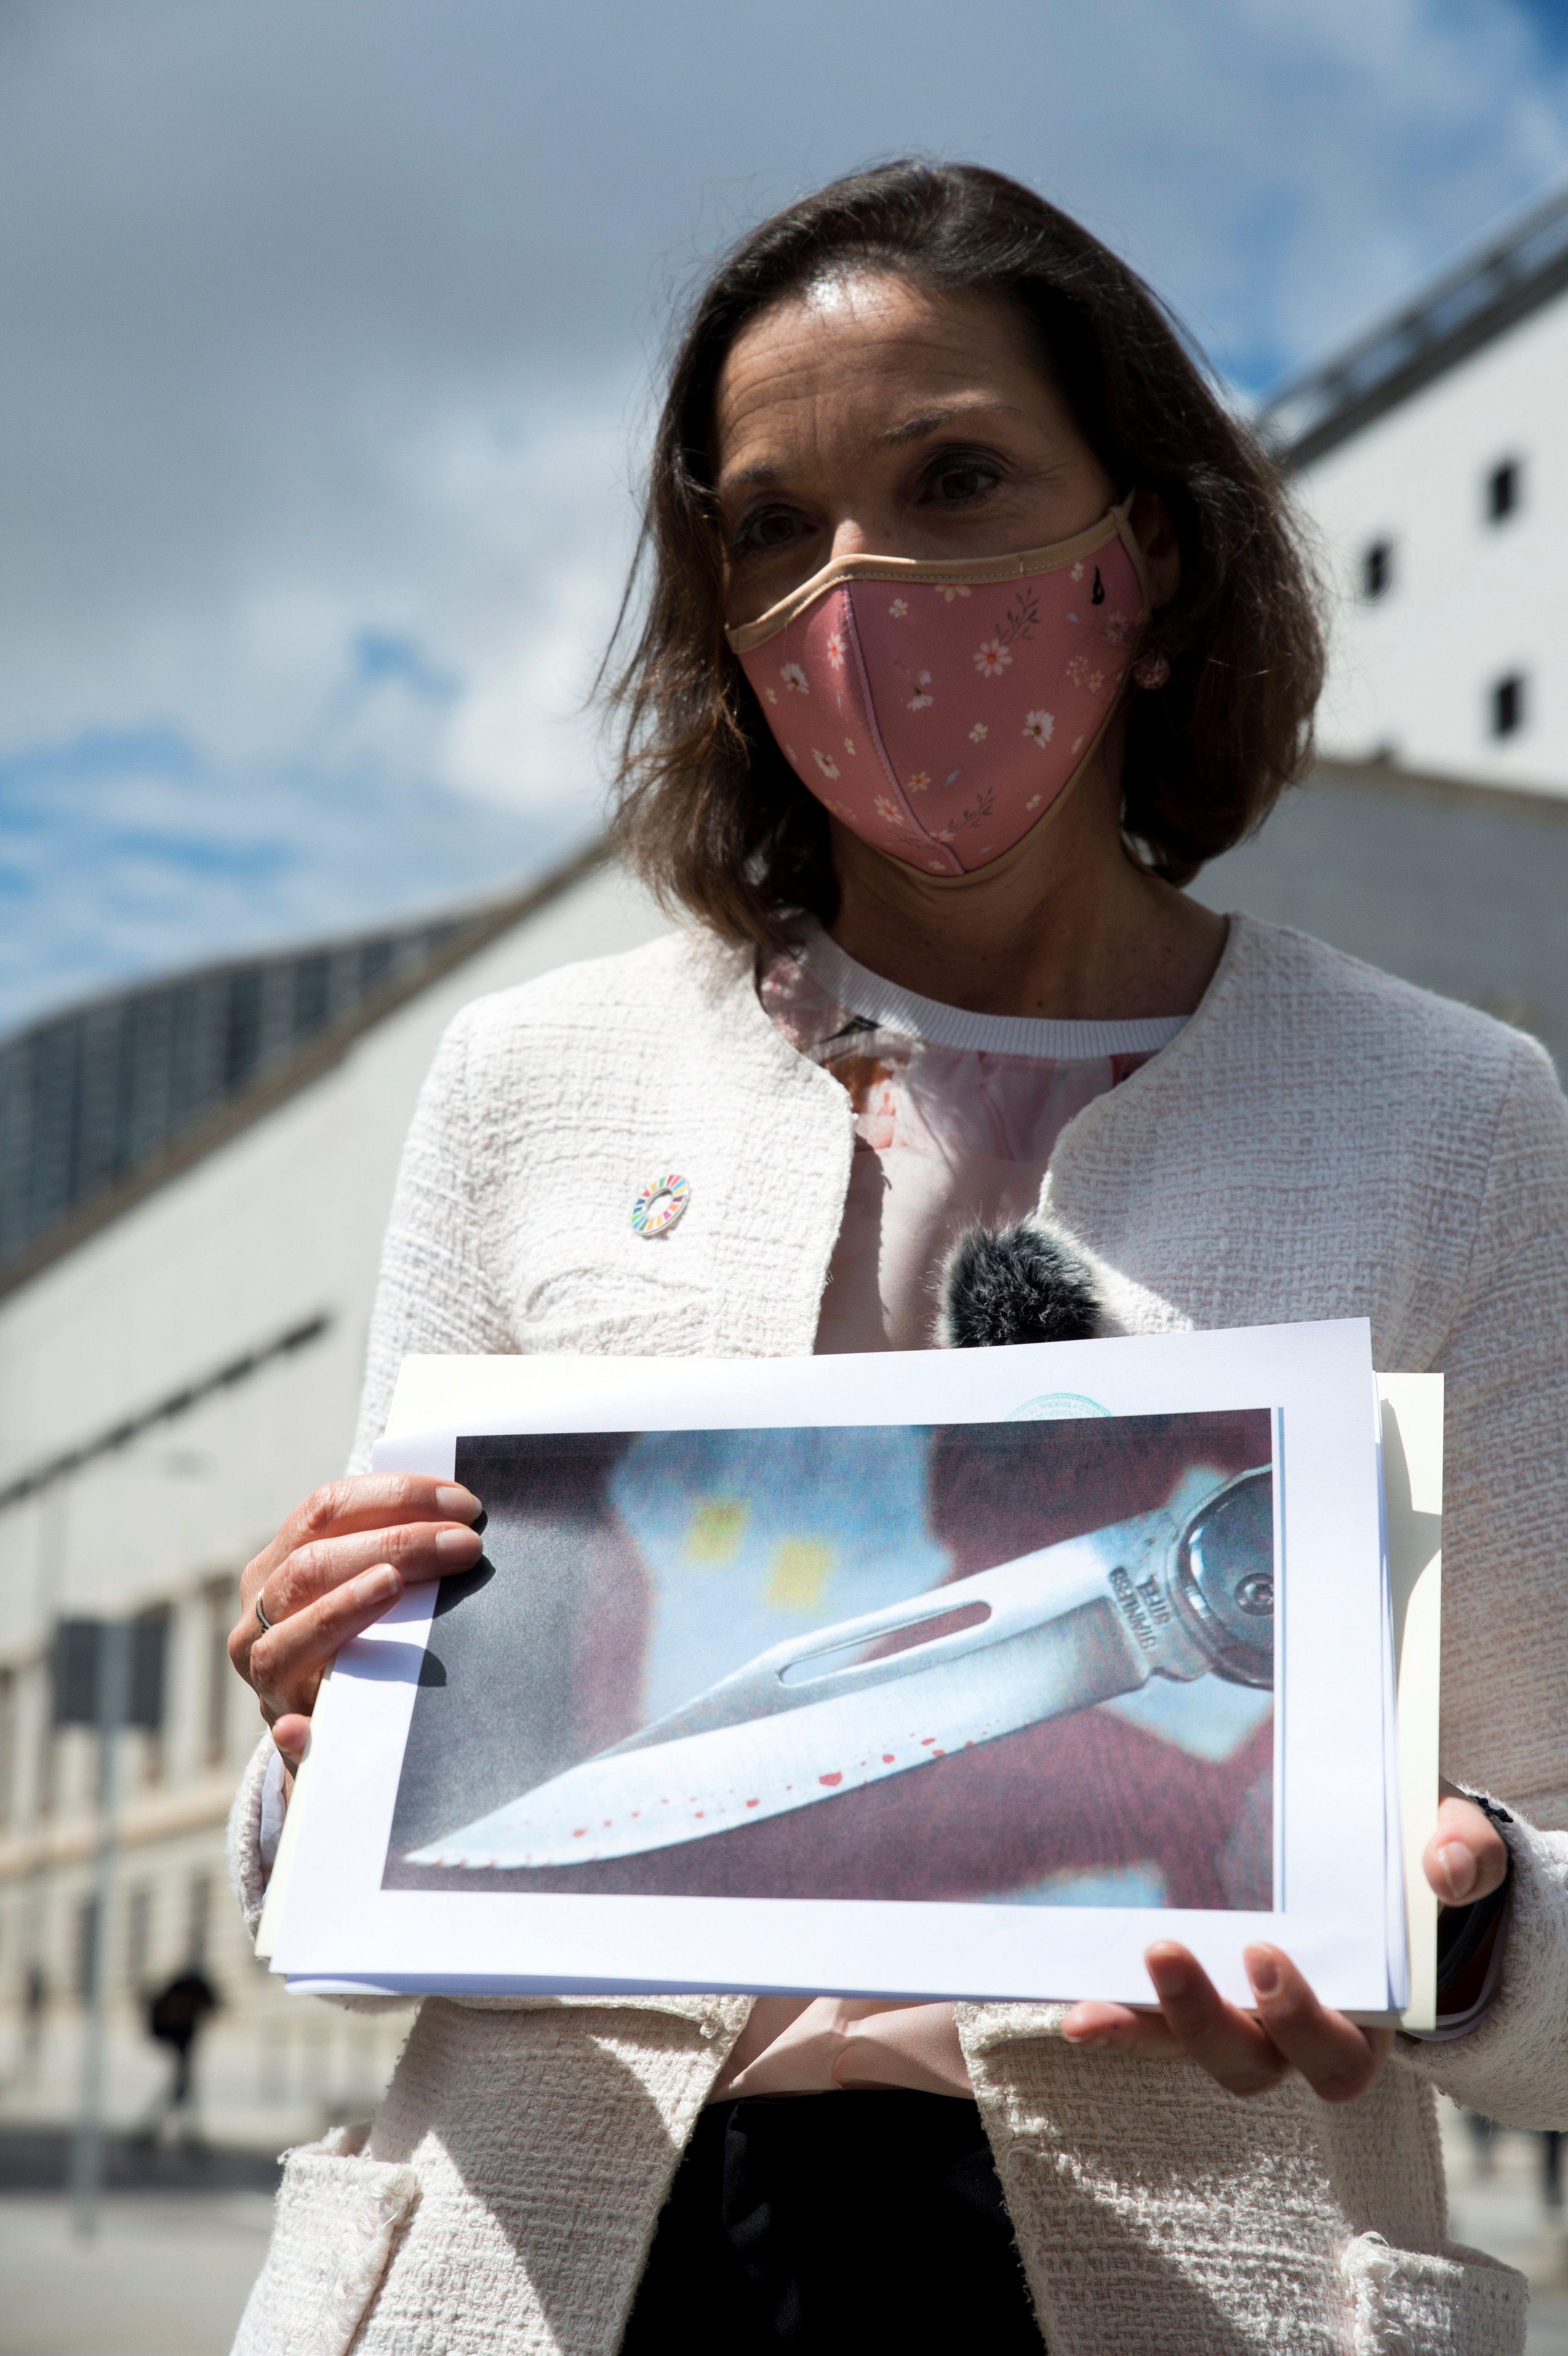 La ministra Reyes Maroto muestra una fotografía de la navaja ensangrentada que ha recibido dentro de un sobre.